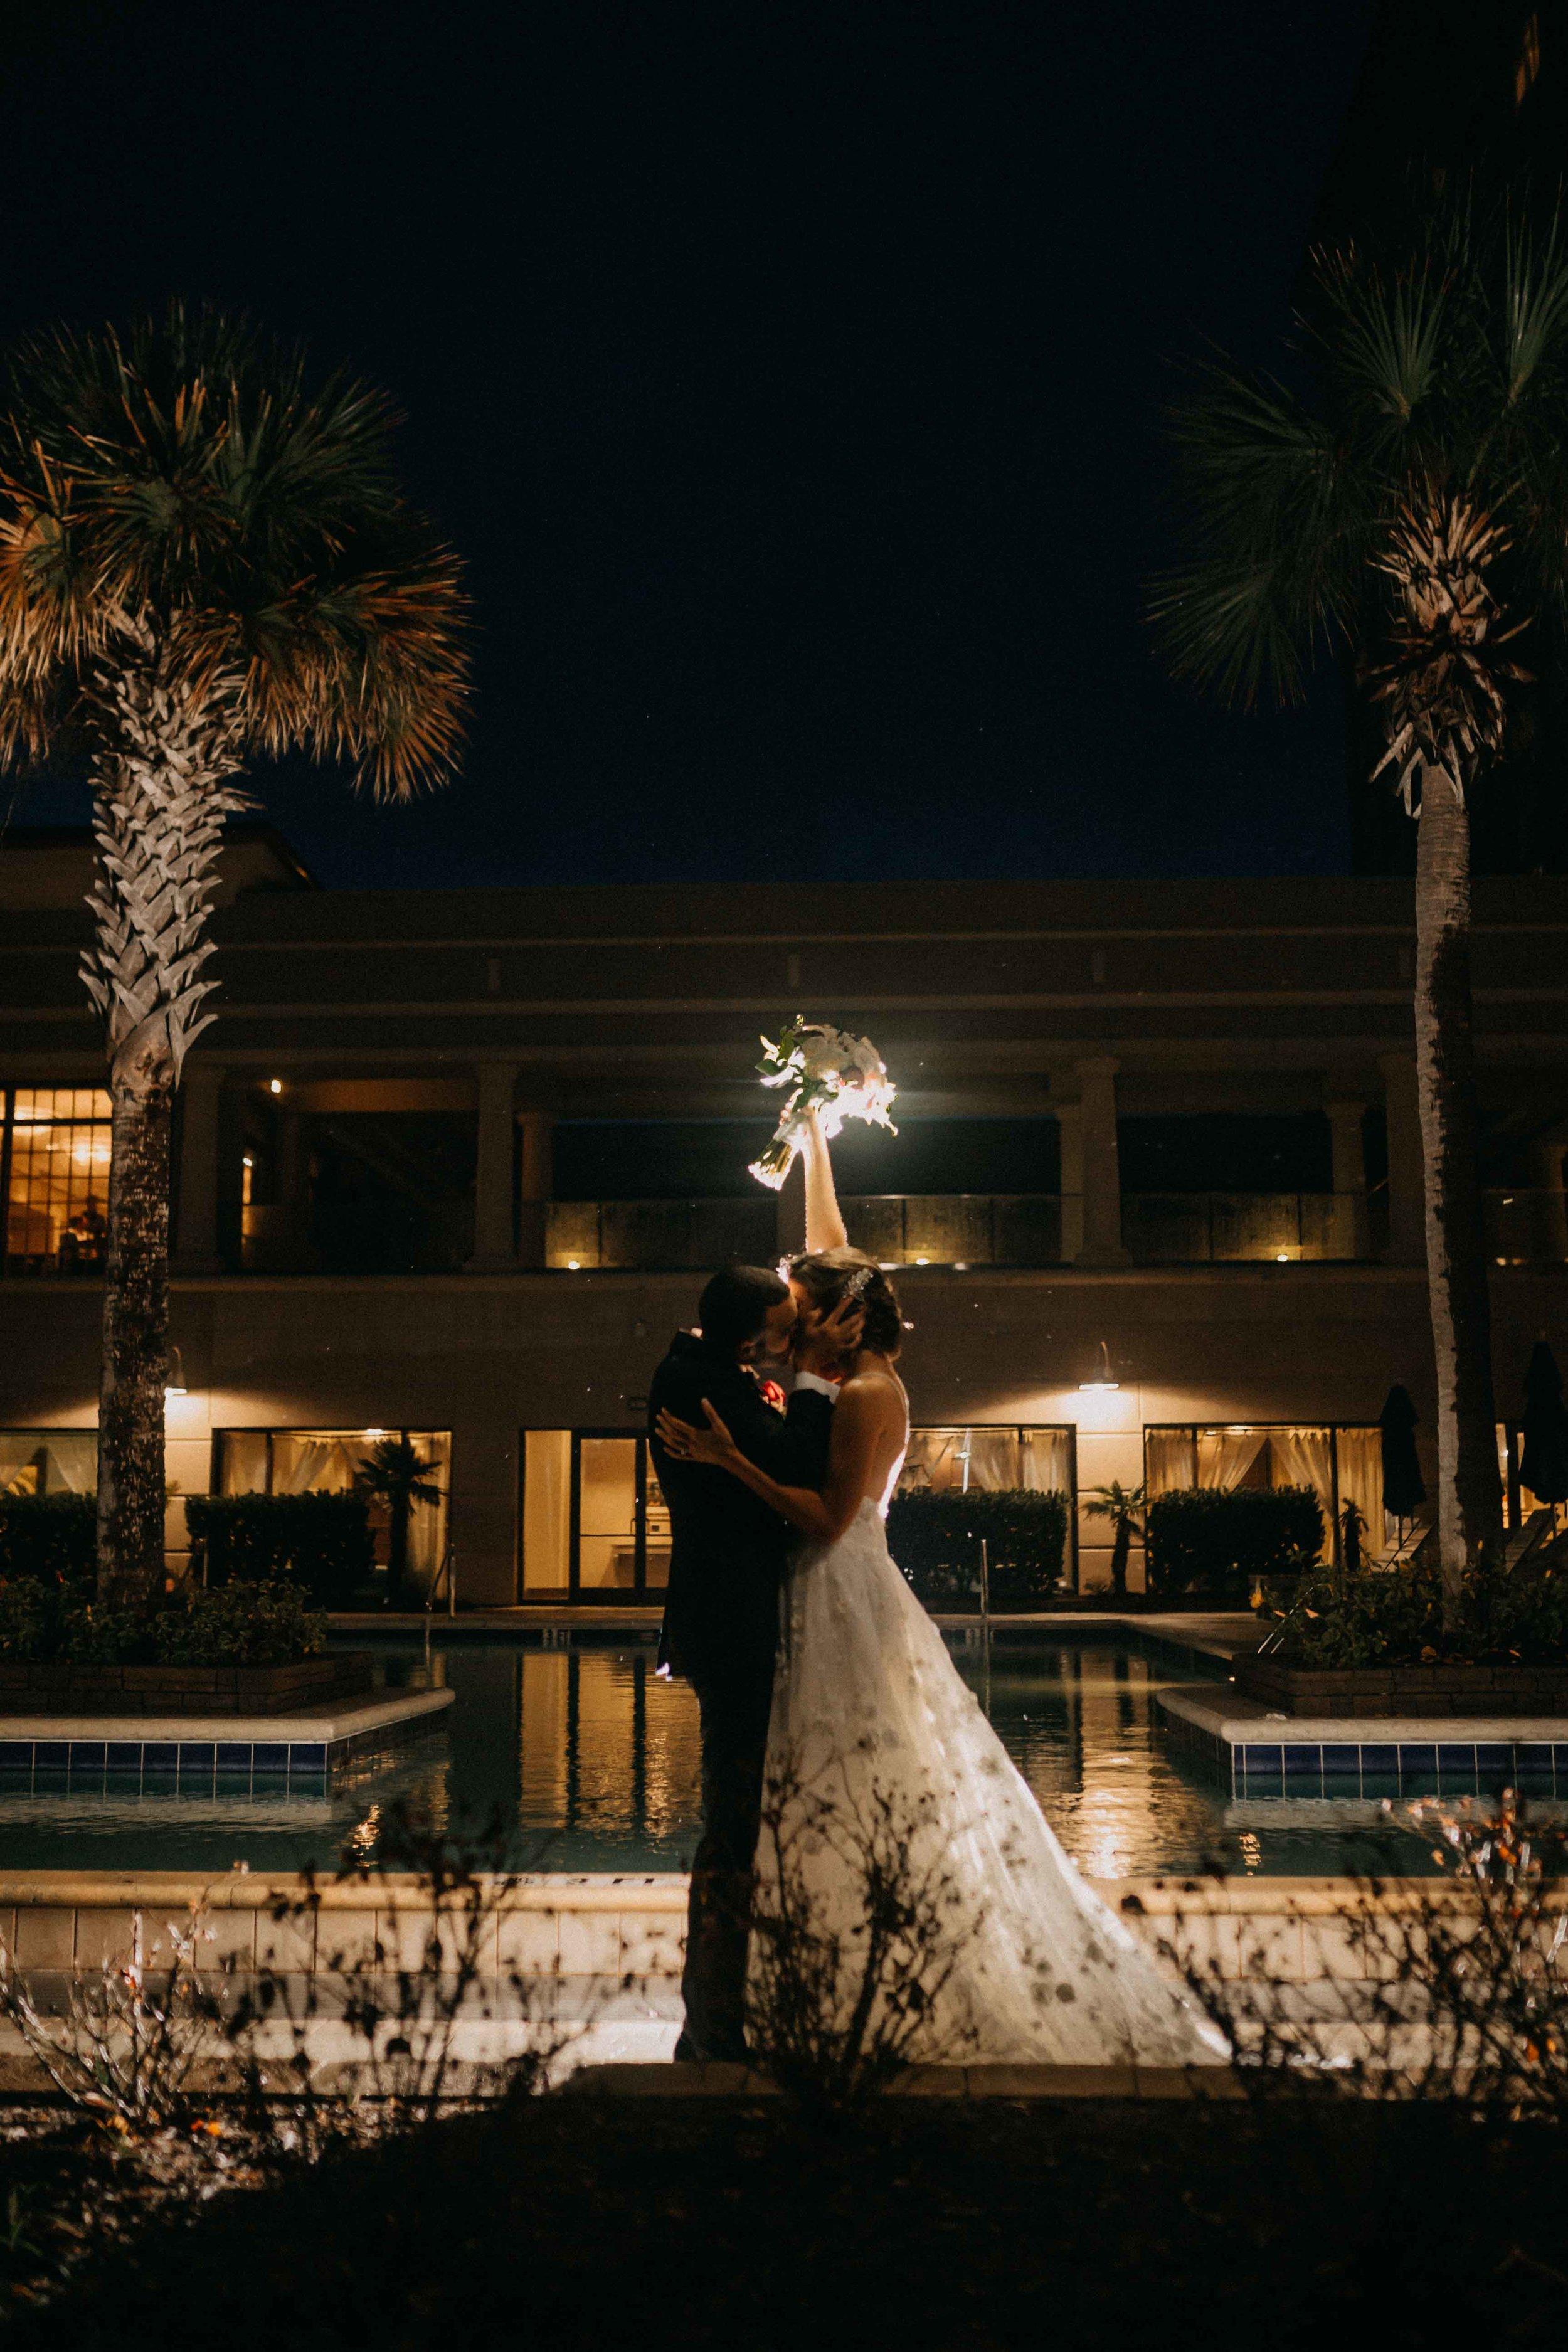 myrtle_beach_south_carolina_wedding_greek_orthodox097.jpg